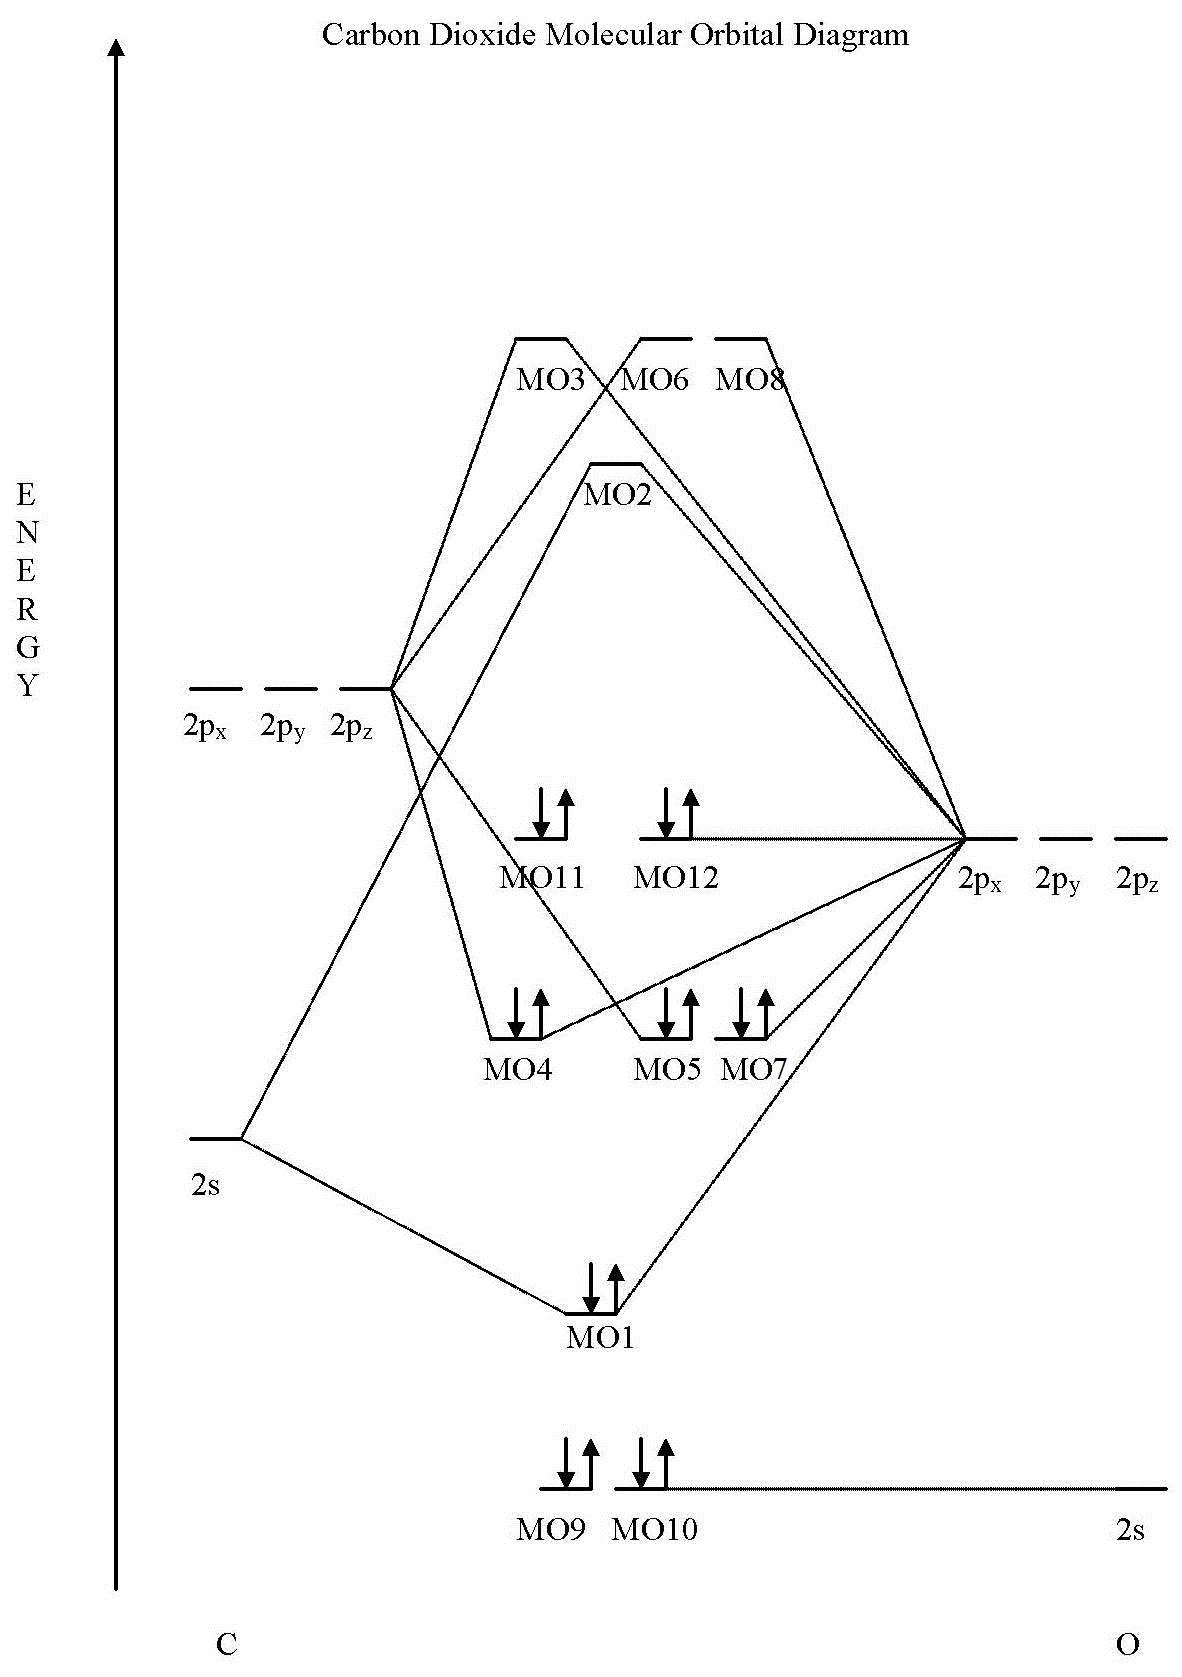 Co2 Molecular Orbital Molecular Orbital Diagram